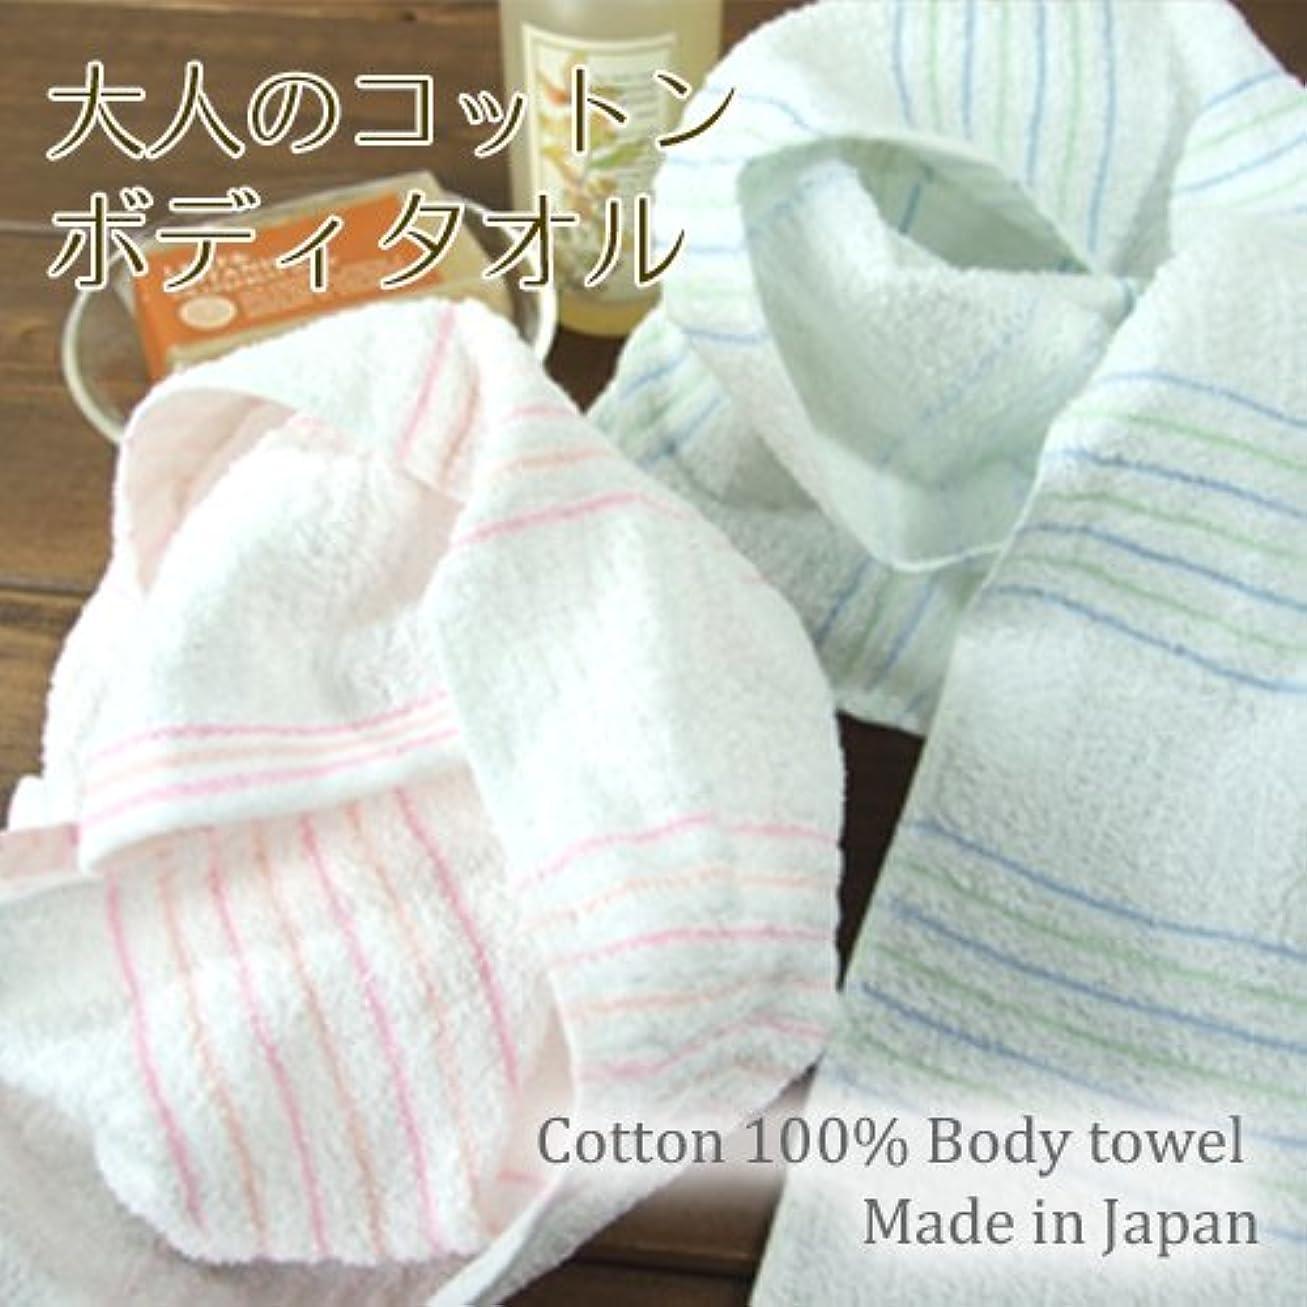 石化する資格情報雇用者日本製 ボディタオル コットン100% ピンク